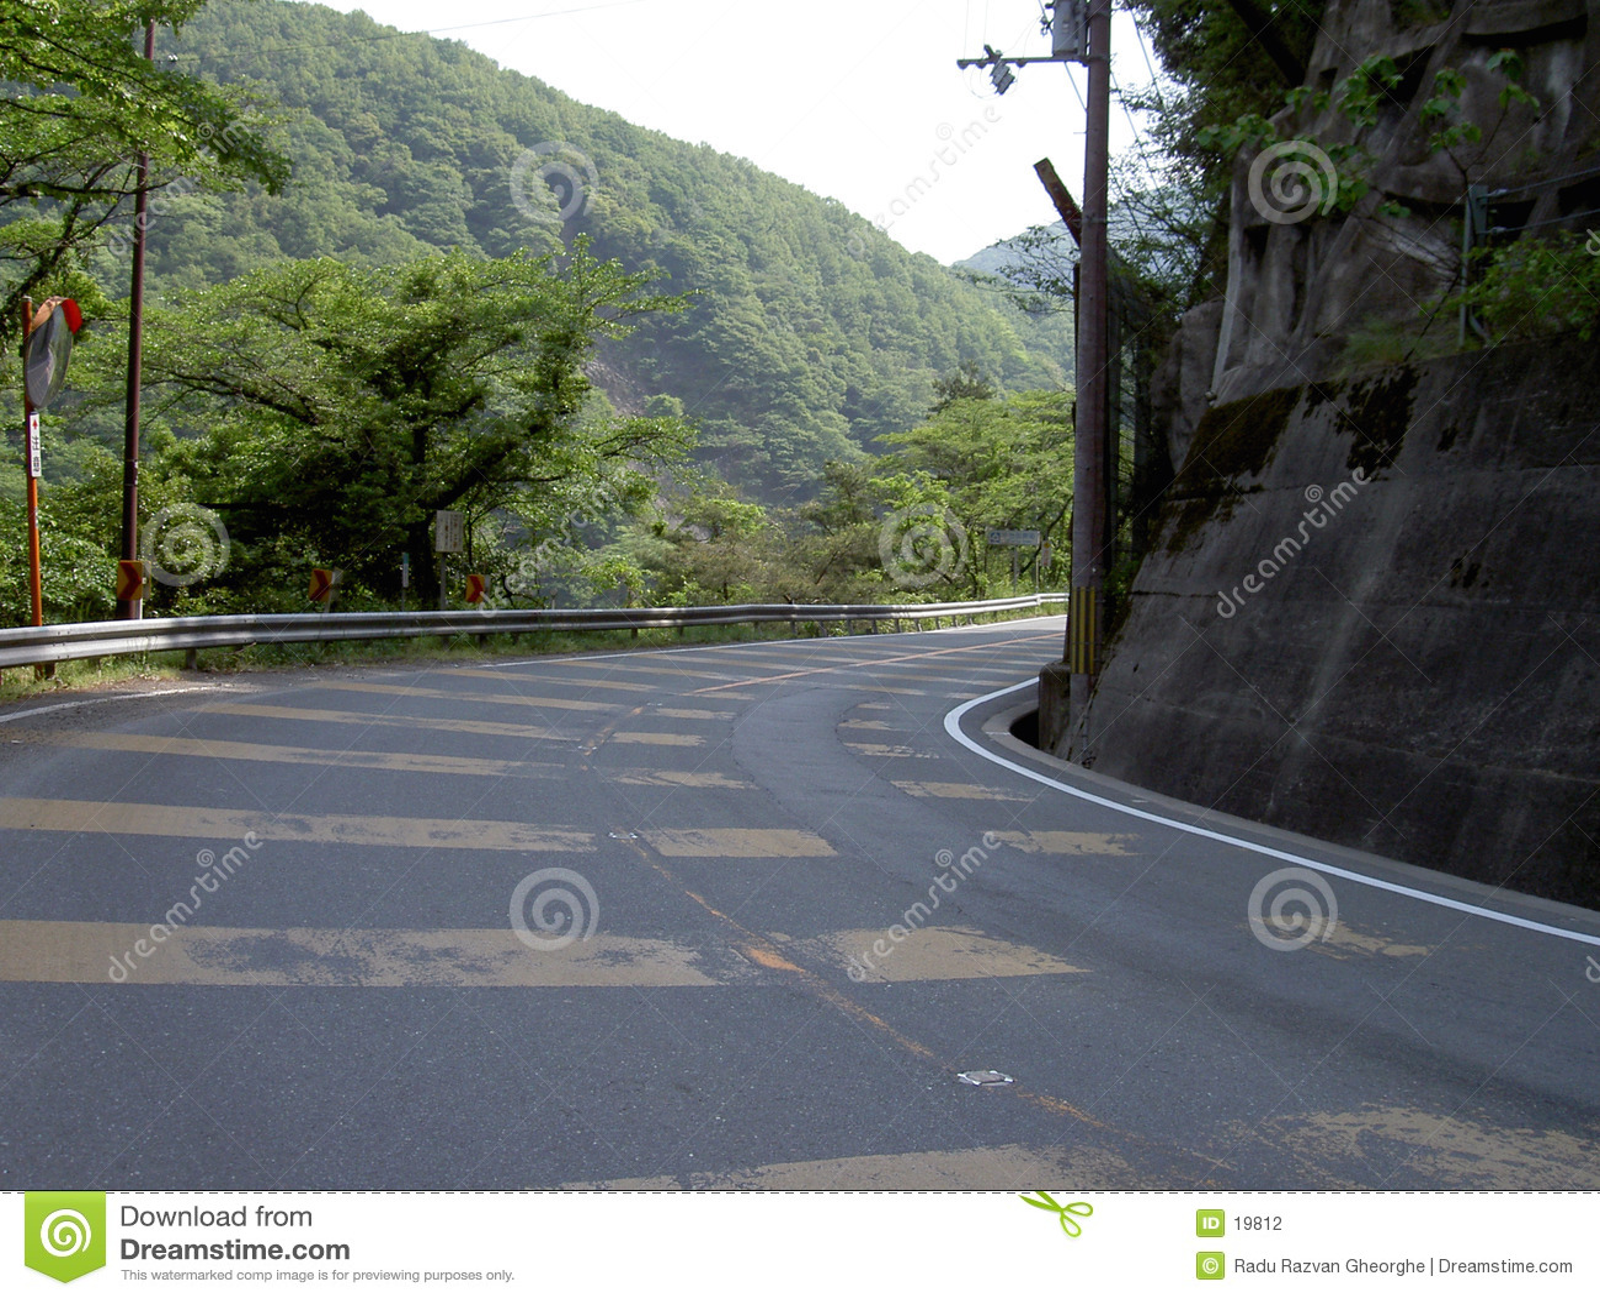 Koszowa road